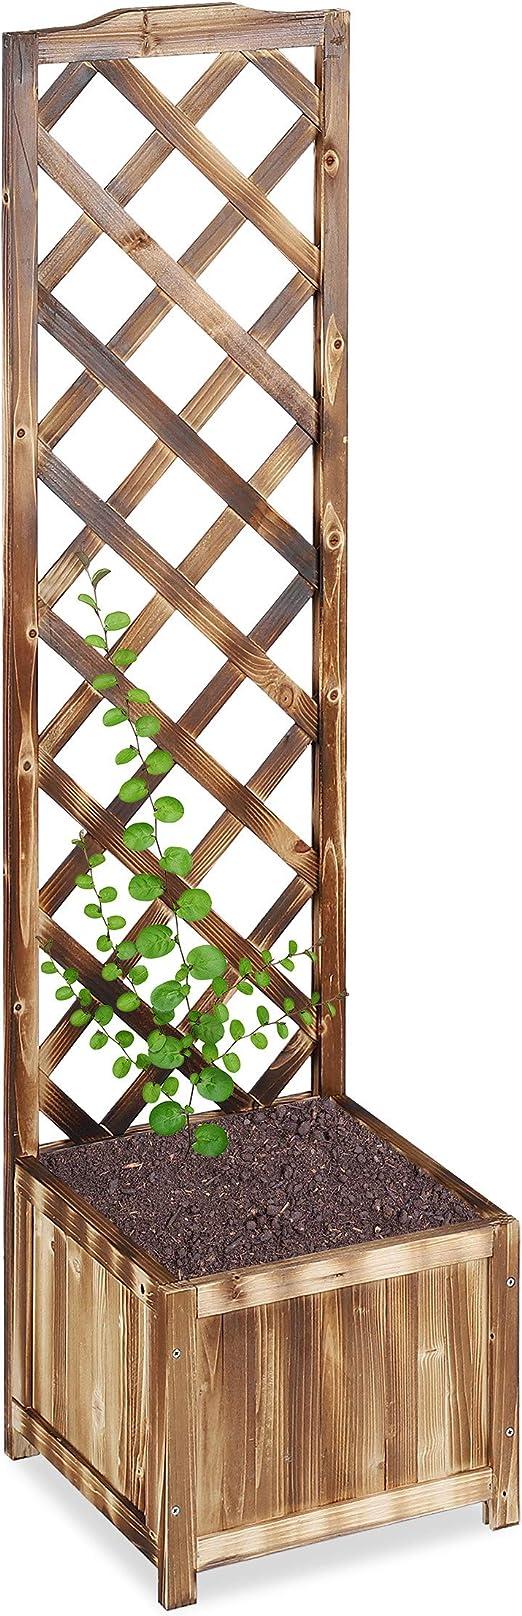 Relaxdays Enrejado de jardín, Madera, Macetero, Soporte para trepadoras, Veteado Natural, 25 L, 147 cm, L: Amazon.es: Jardín